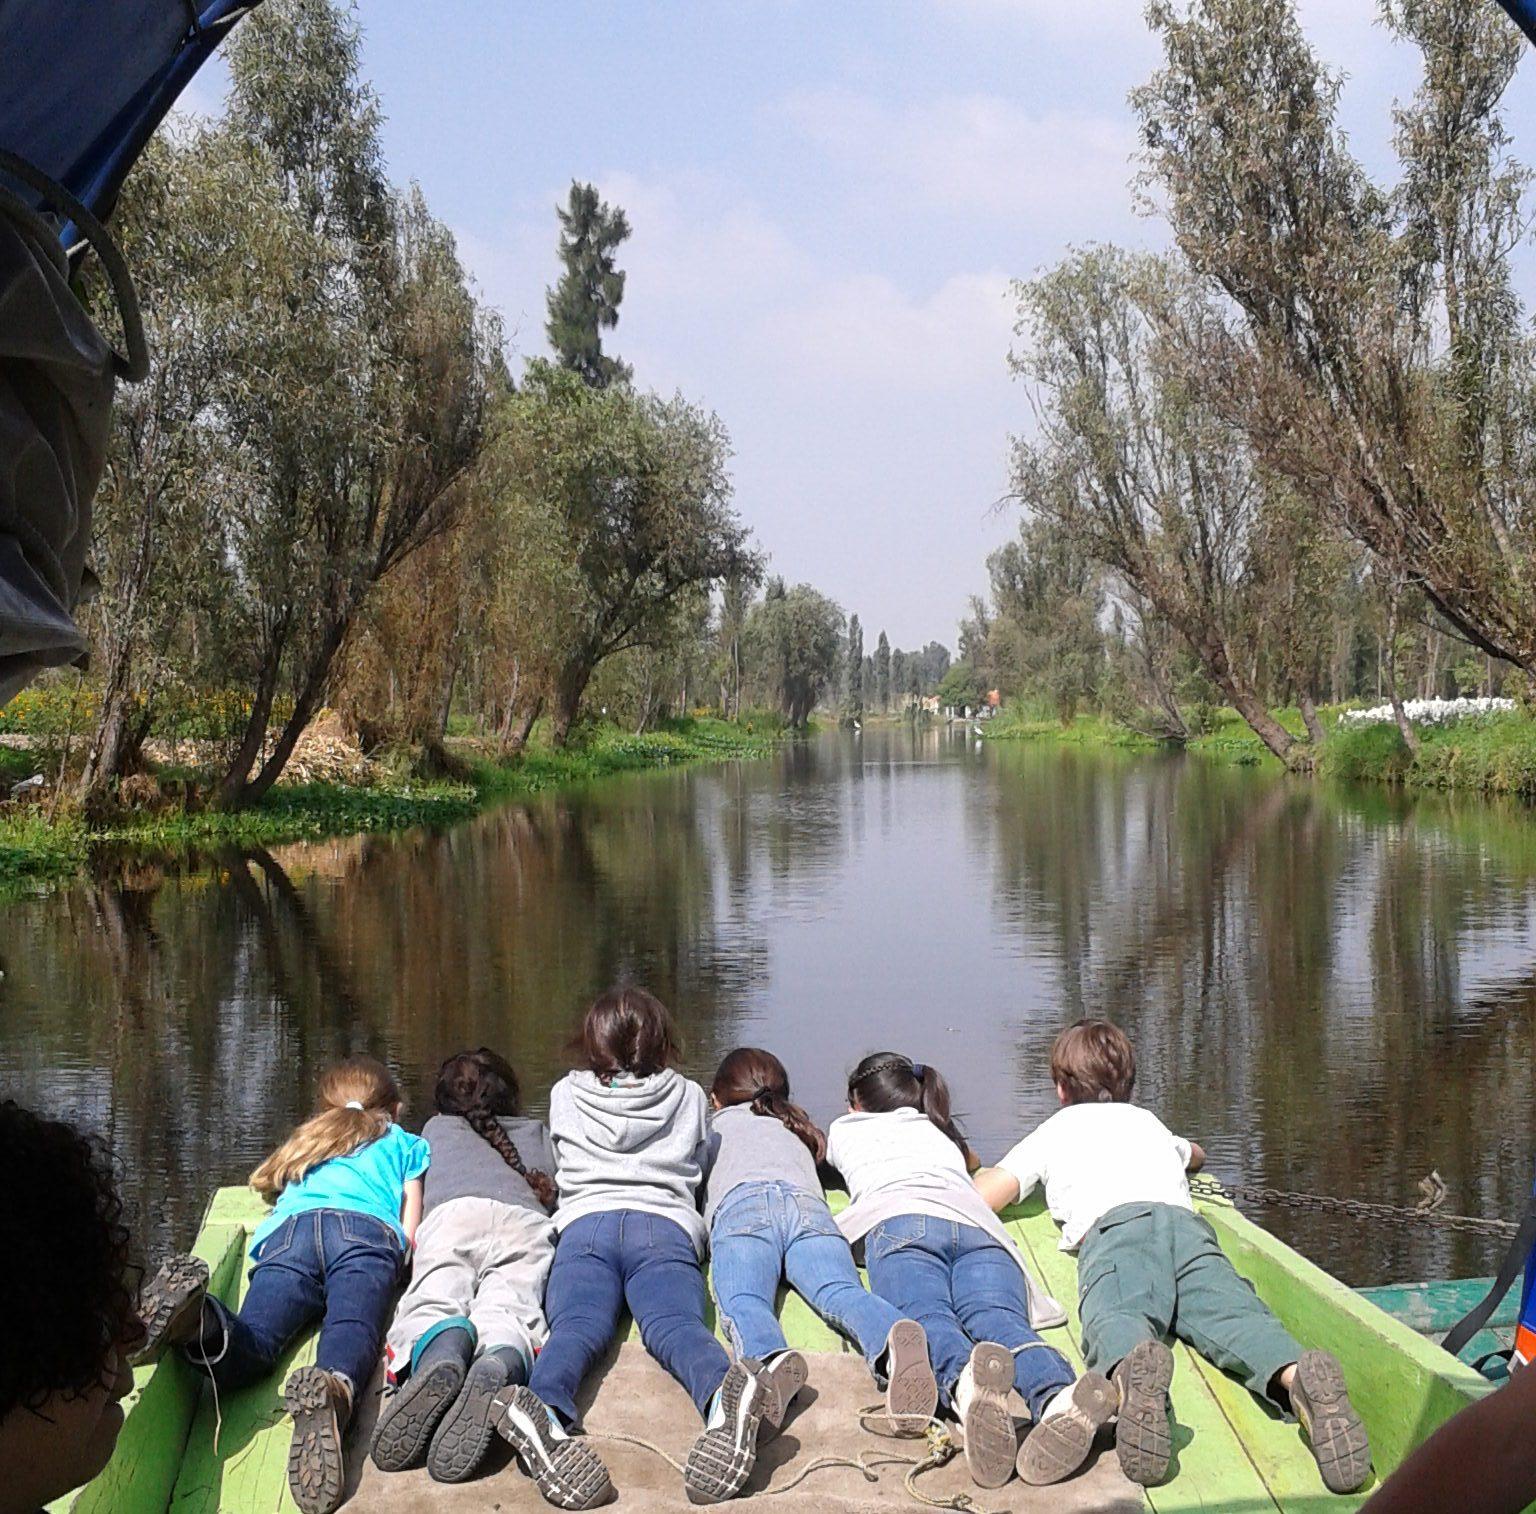 Conociendo el humedal de Xochimilco